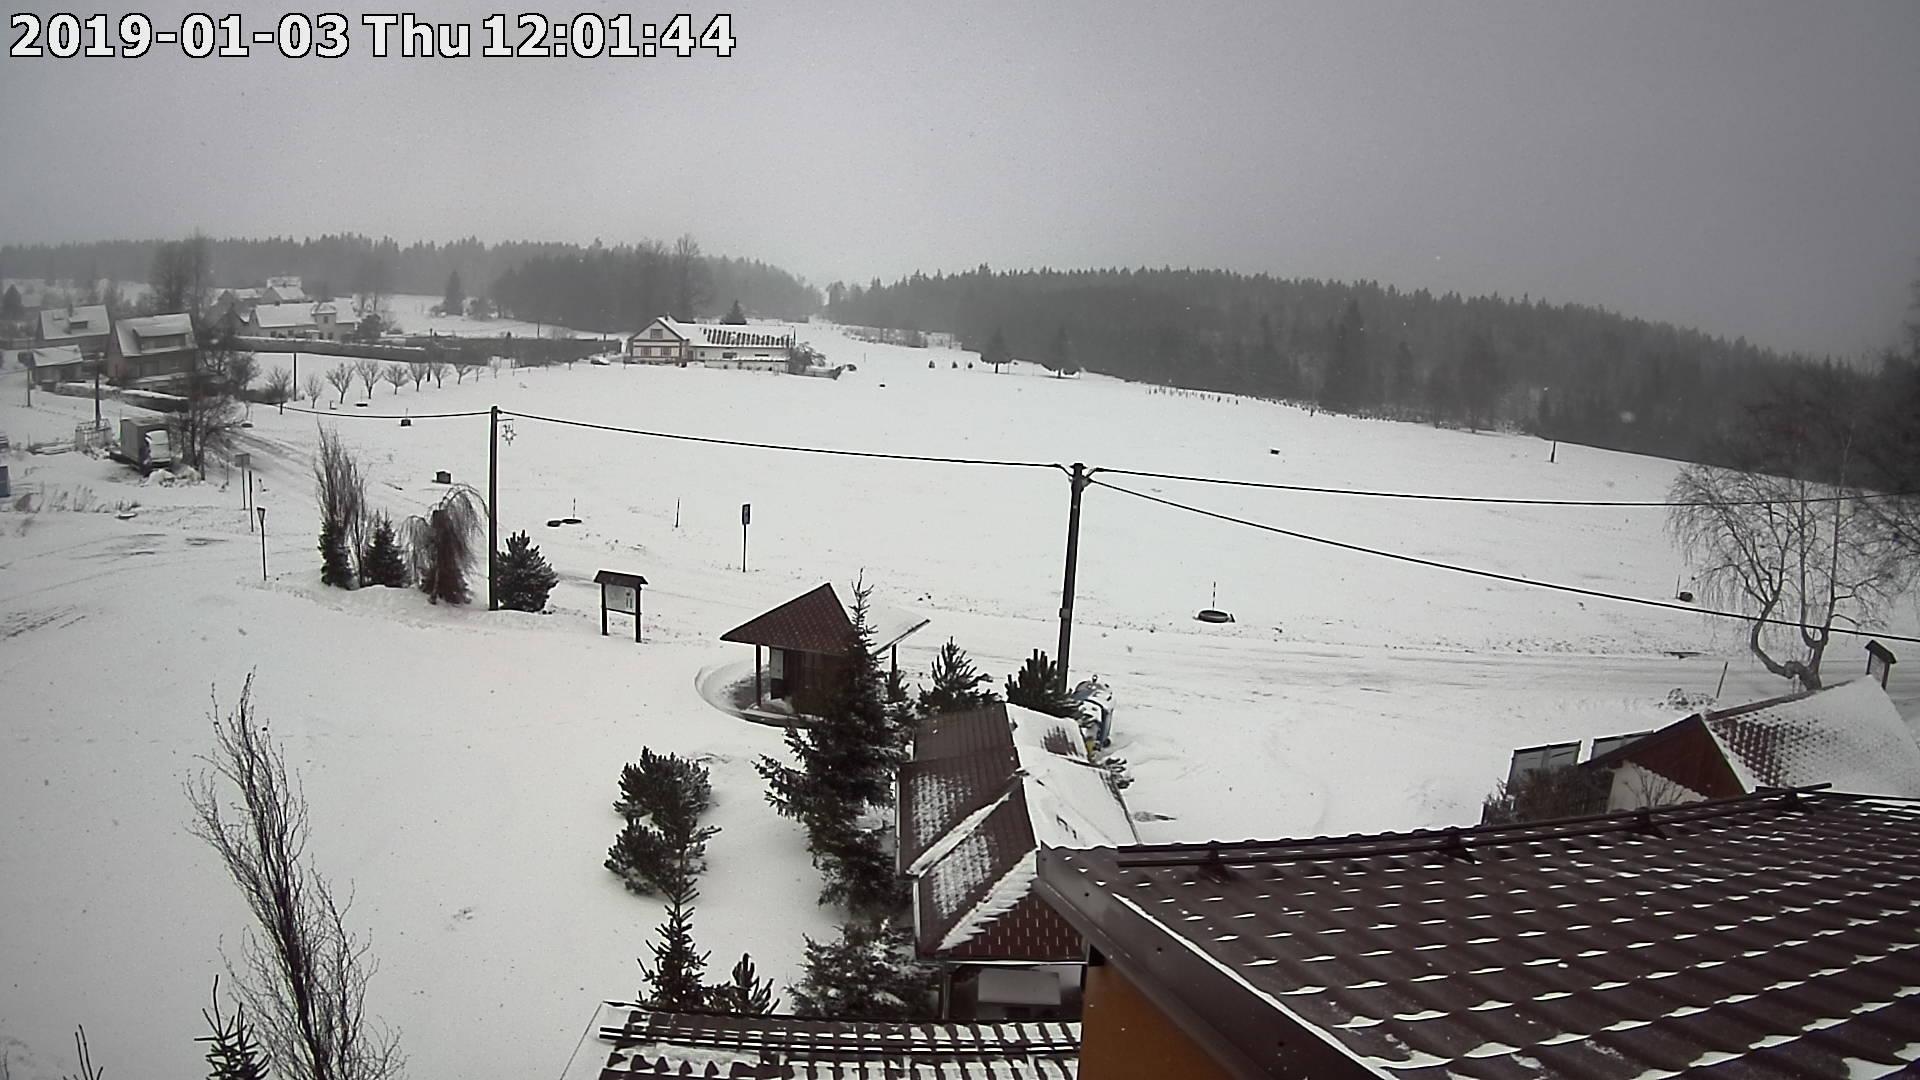 Webkamera ze dne 2019-01-03